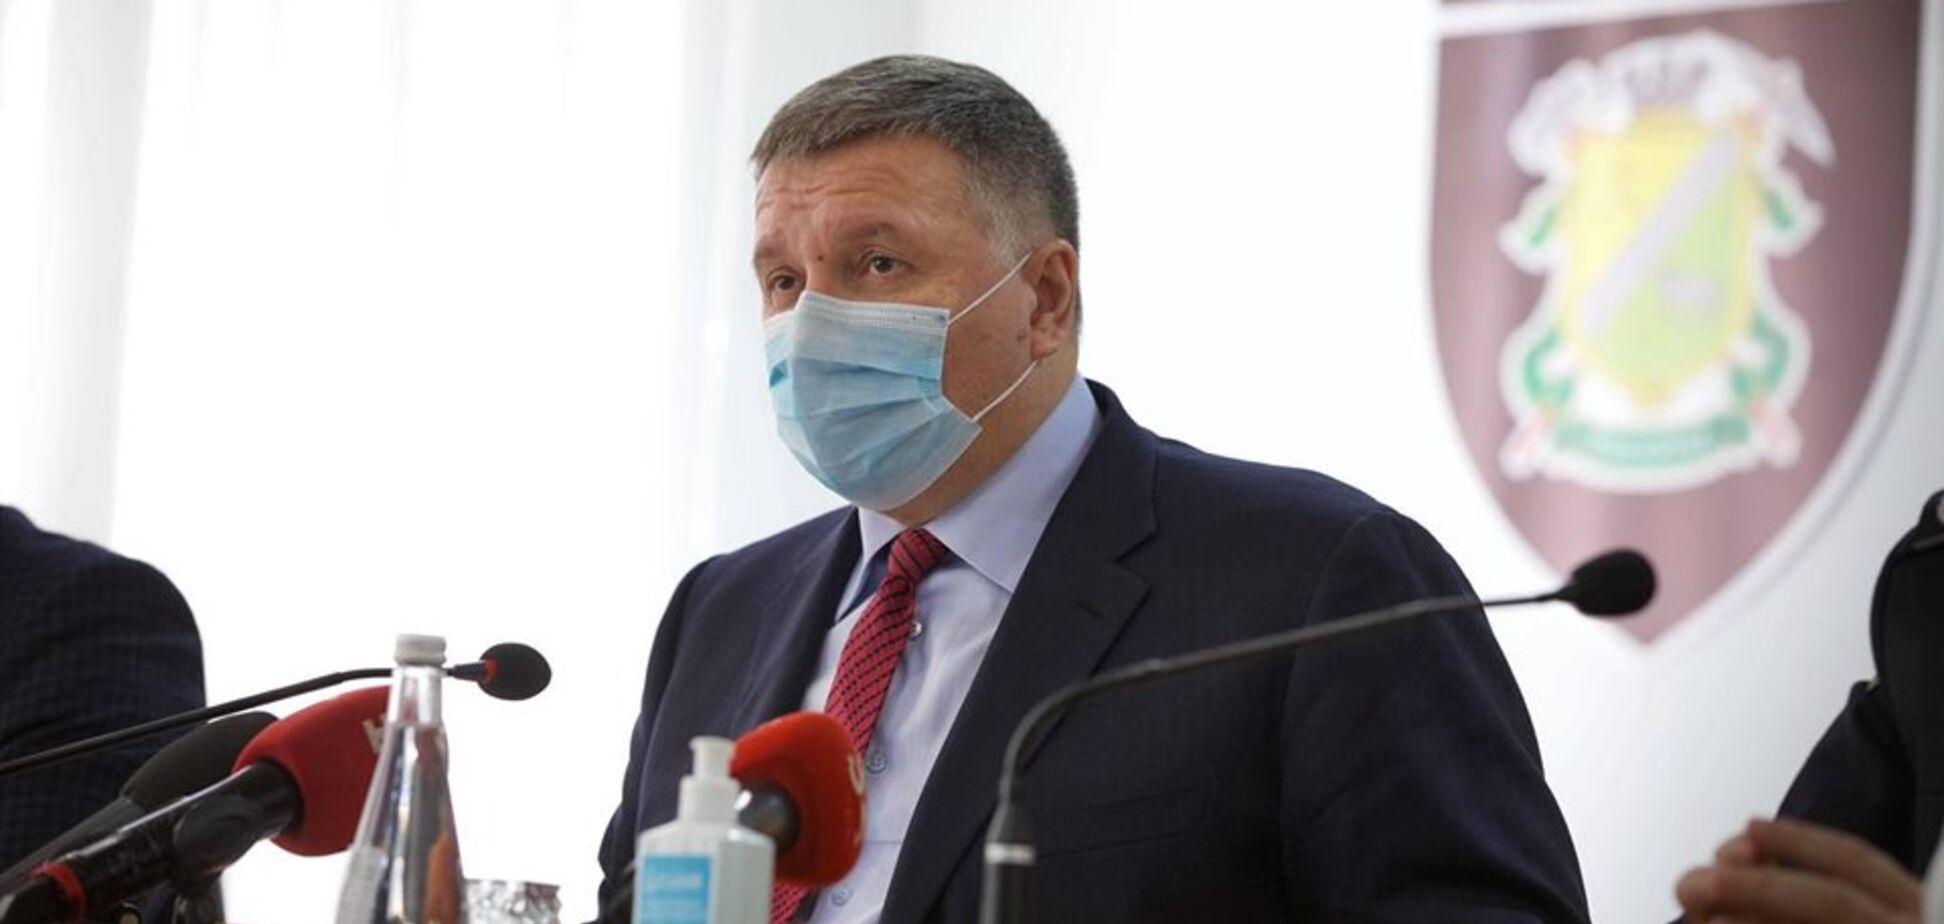 МВД устроило тотальные зачистки в Павлограде: копы пытали людей и торговали наркотиками